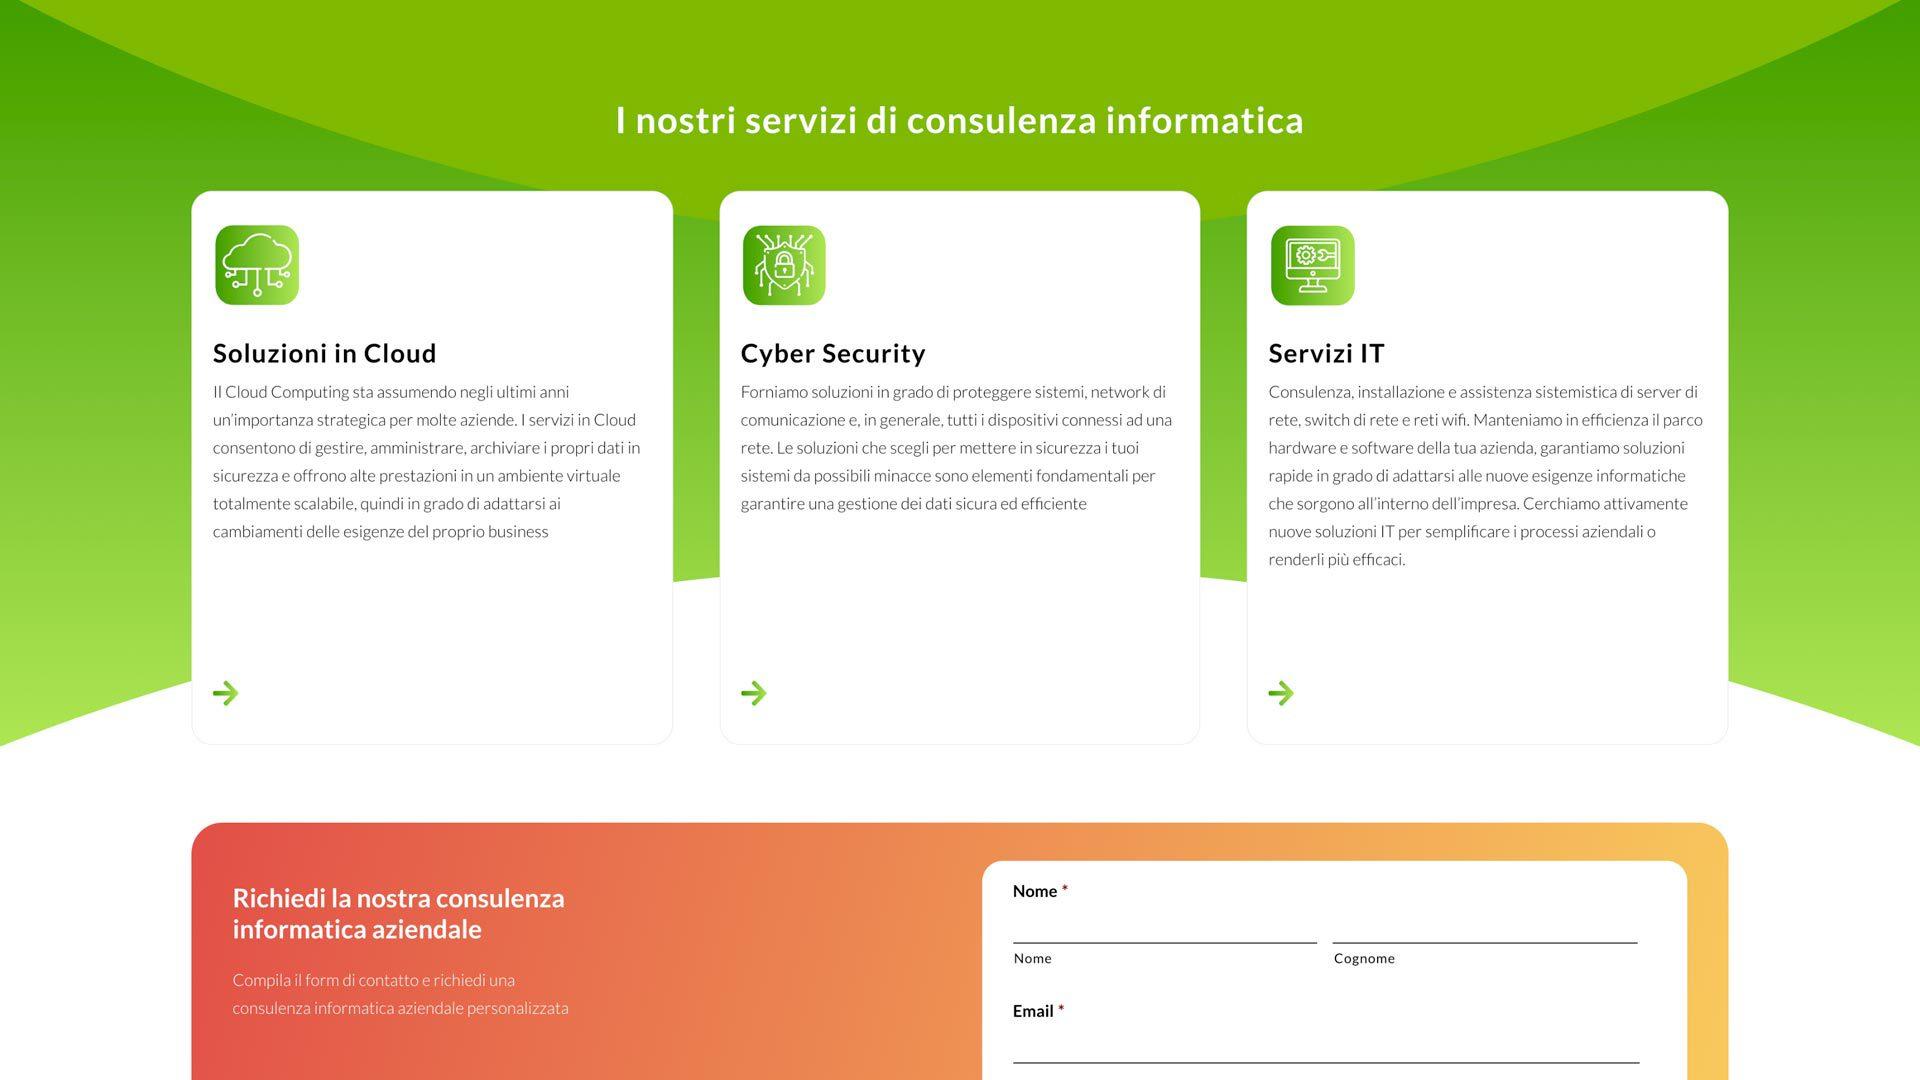 Valore BF servizi IT